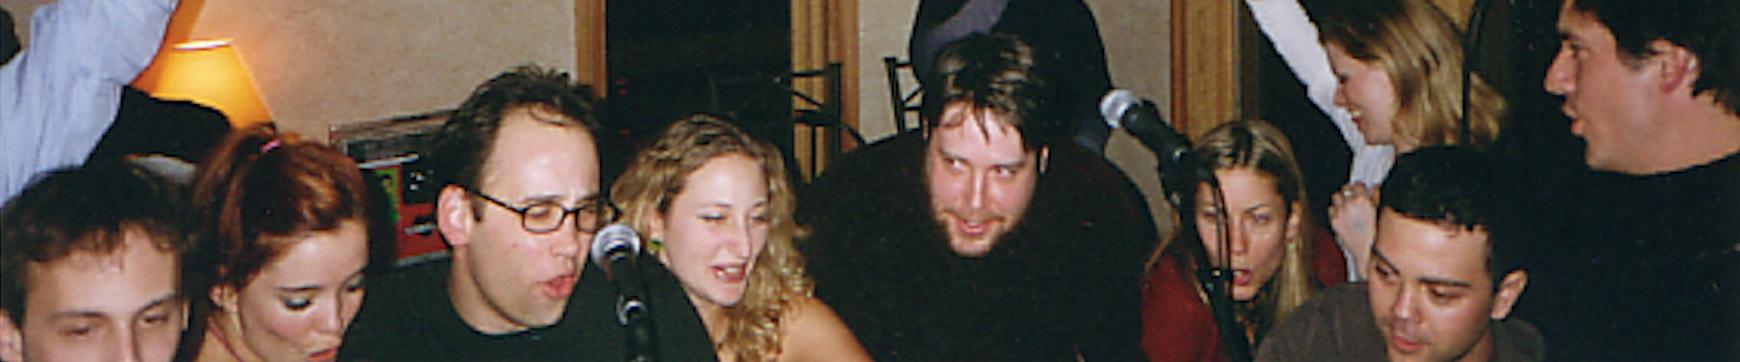 Sundance Wet Hot party, 2001. (Left to right: Jake Fogelnest, Marguerite Moreau, David Wain, Kabira Stokes, Zak Orth, Elizabeth Banks, Joe Lo Truglio, Ken Marino)